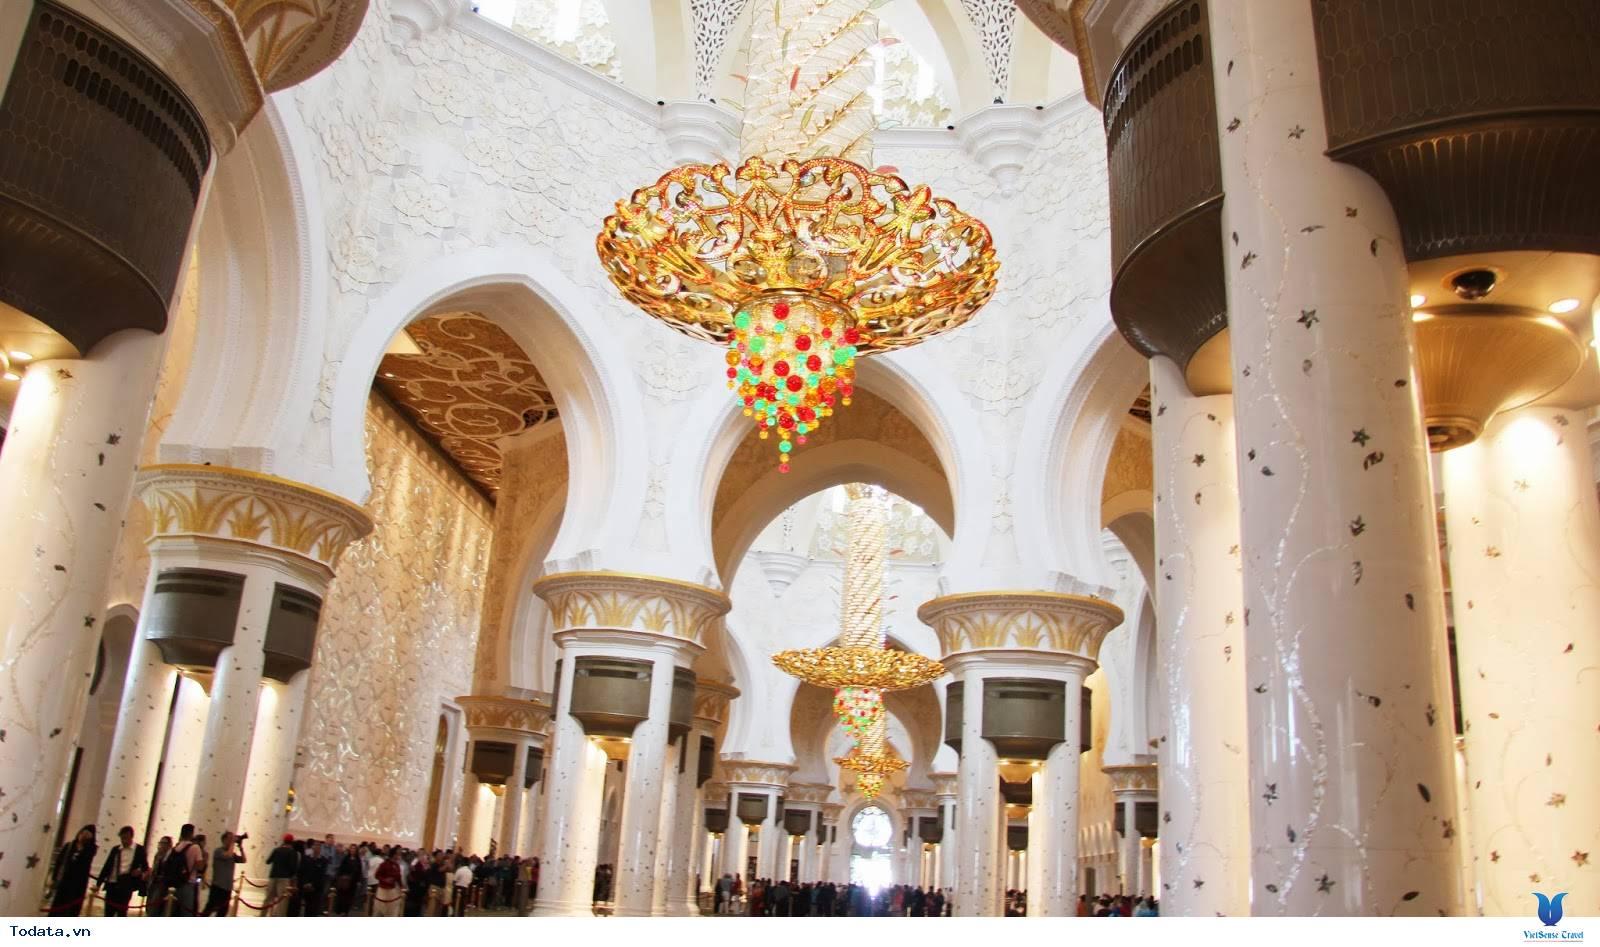 Sheikh Zayed- Thánh Đường Tuyệt Đẹp Chốn Nhân Gian - Ảnh 4